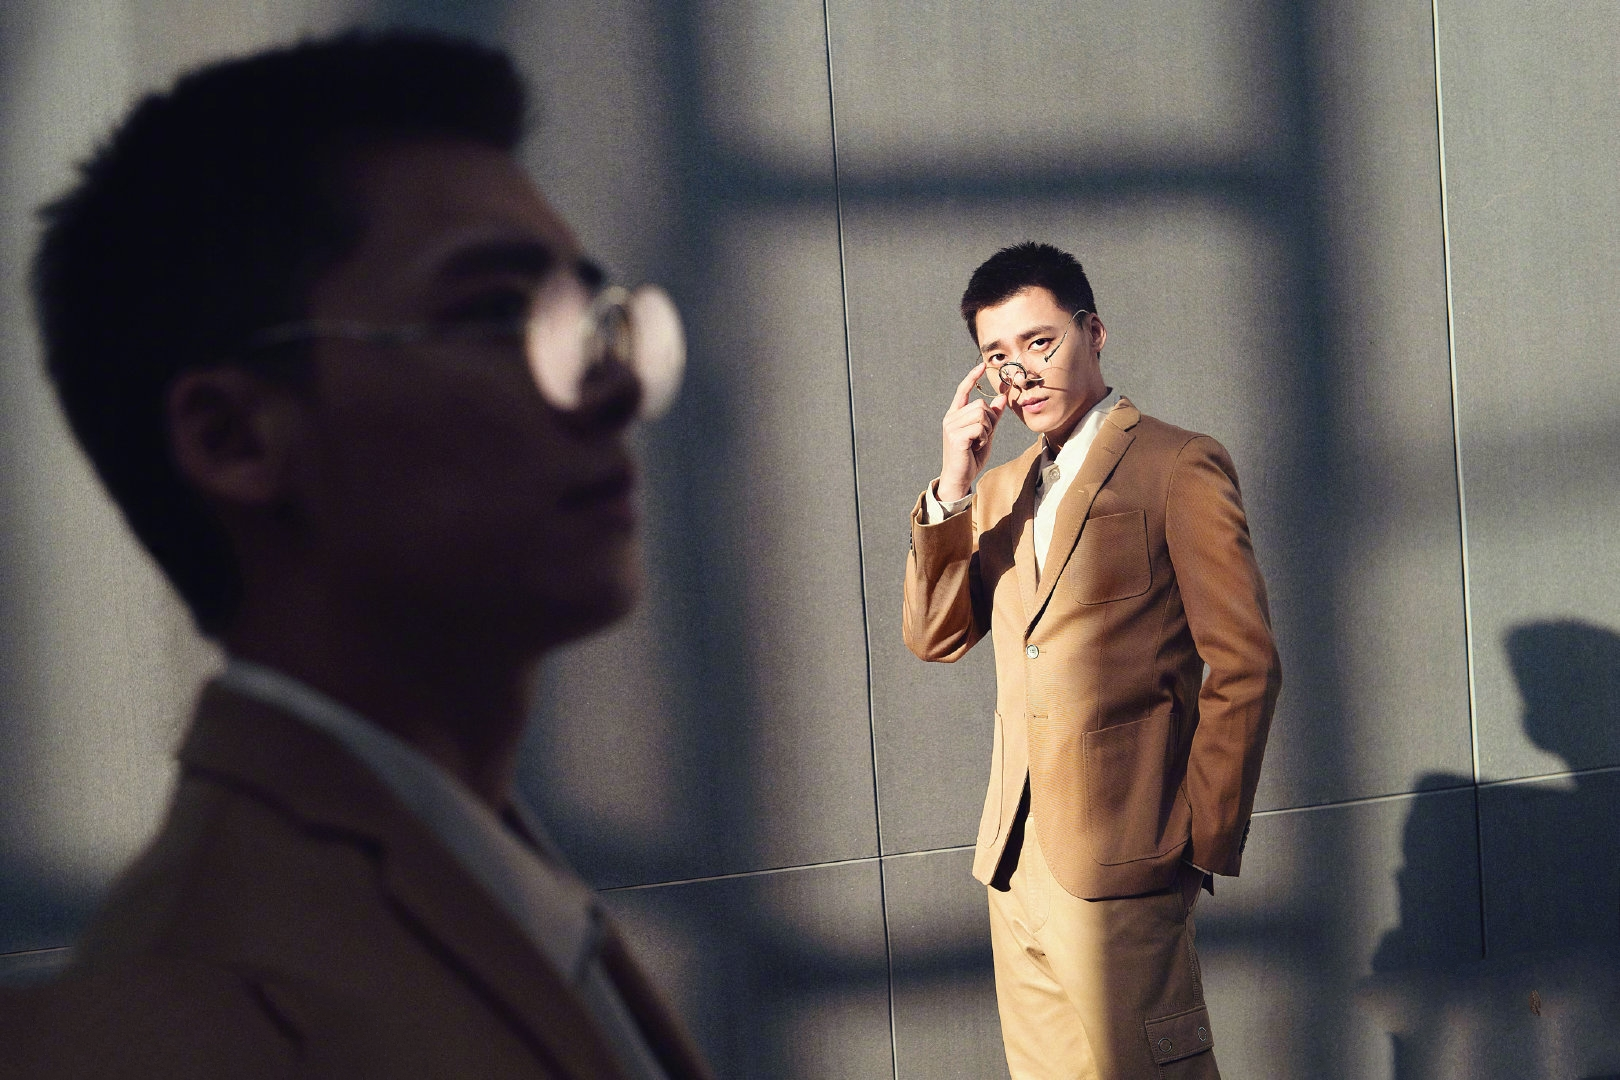 李易峰最新营业照,刺猬头峰峰让人眼前一亮,斯文型男上线